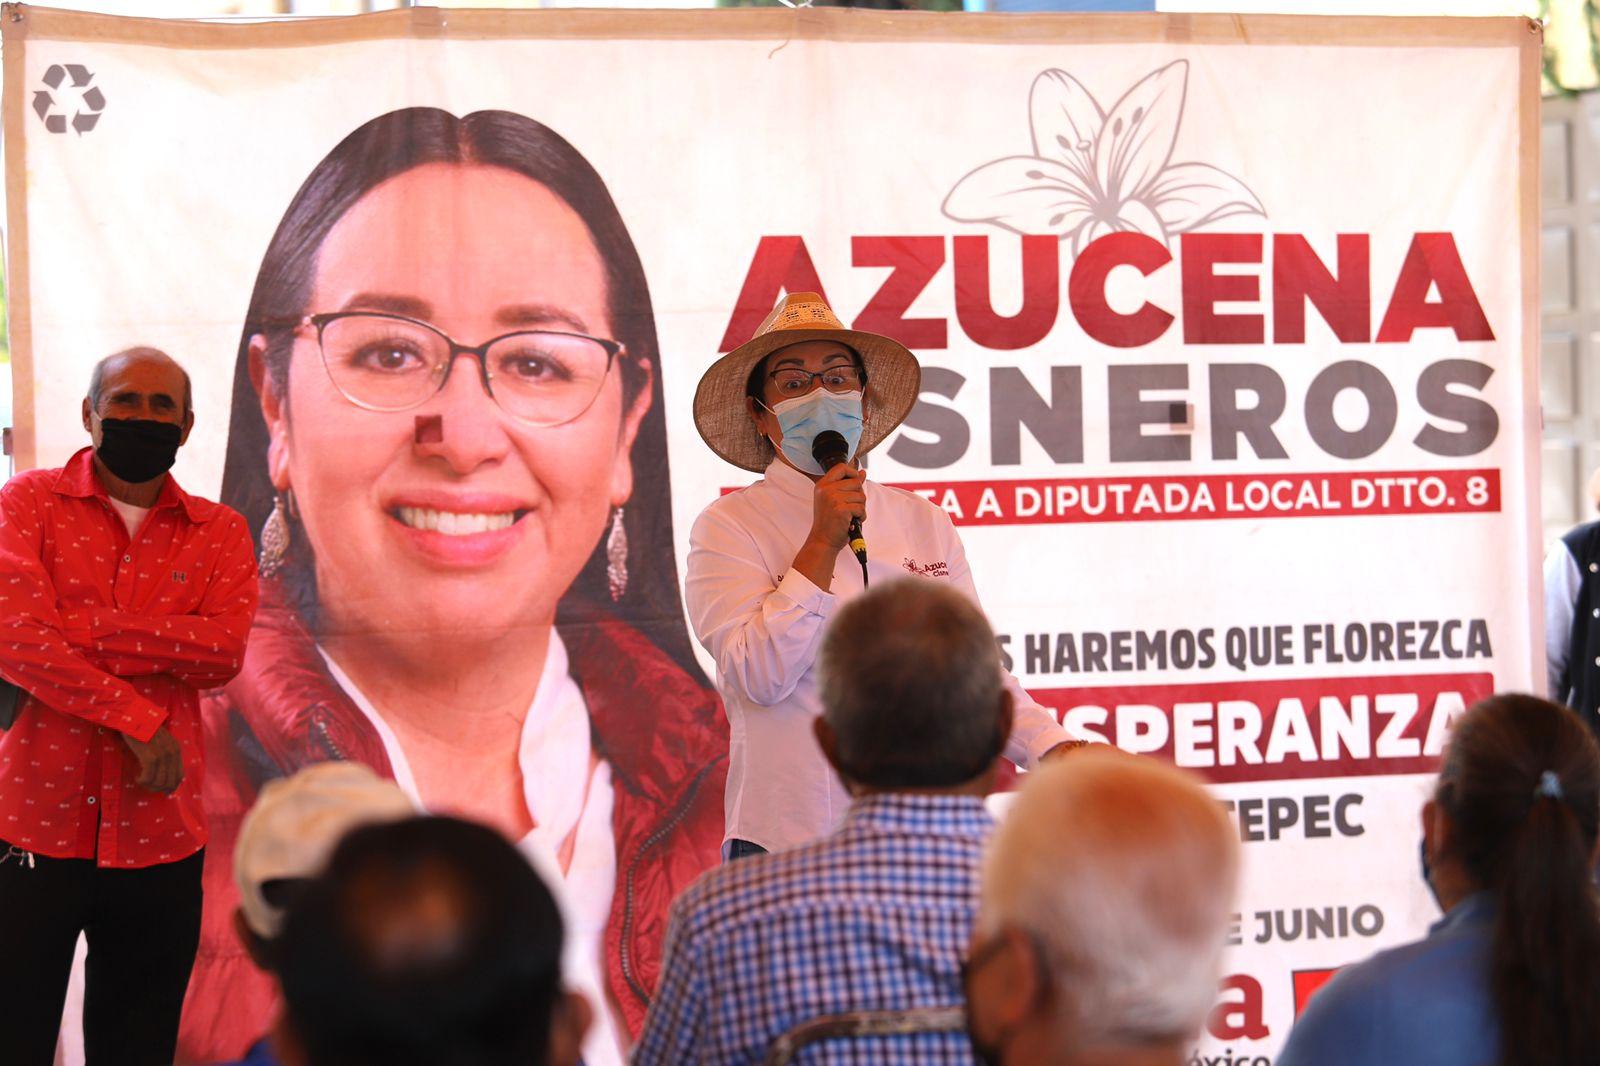 Penas severas a funcionarios corruptos: Azucena Cisneros